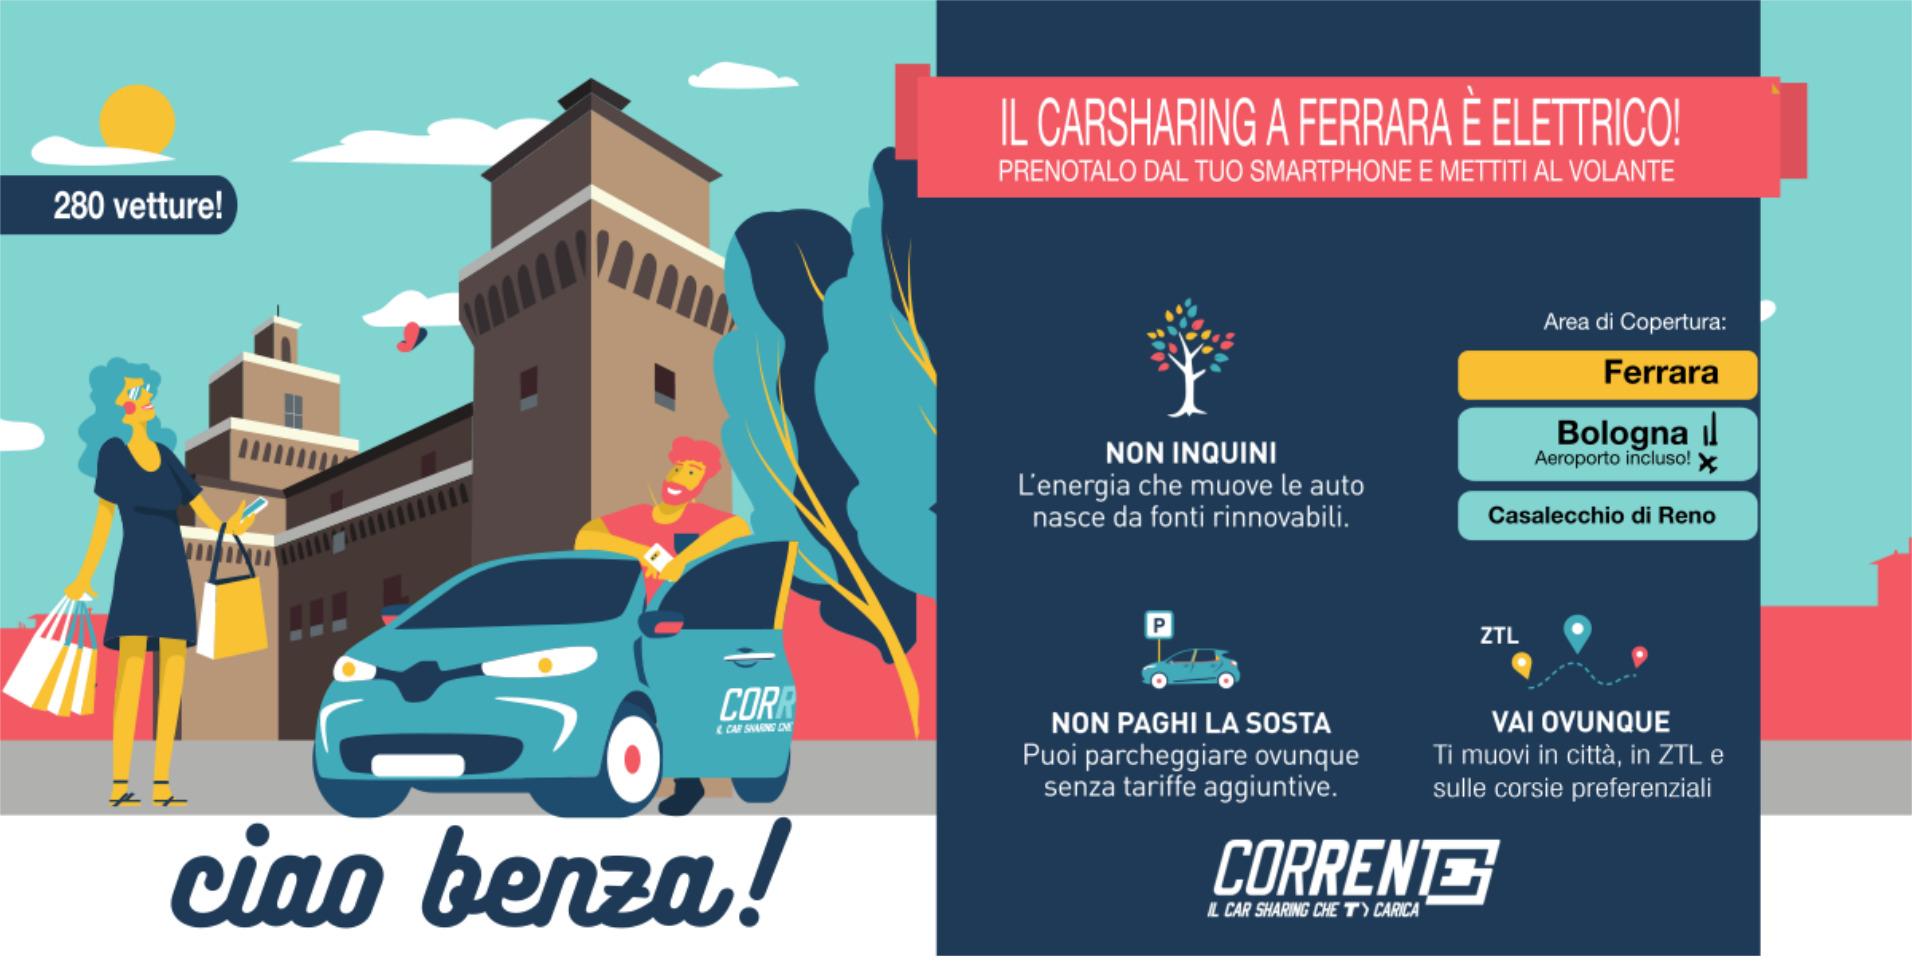 Corrente - Ciao Benza!